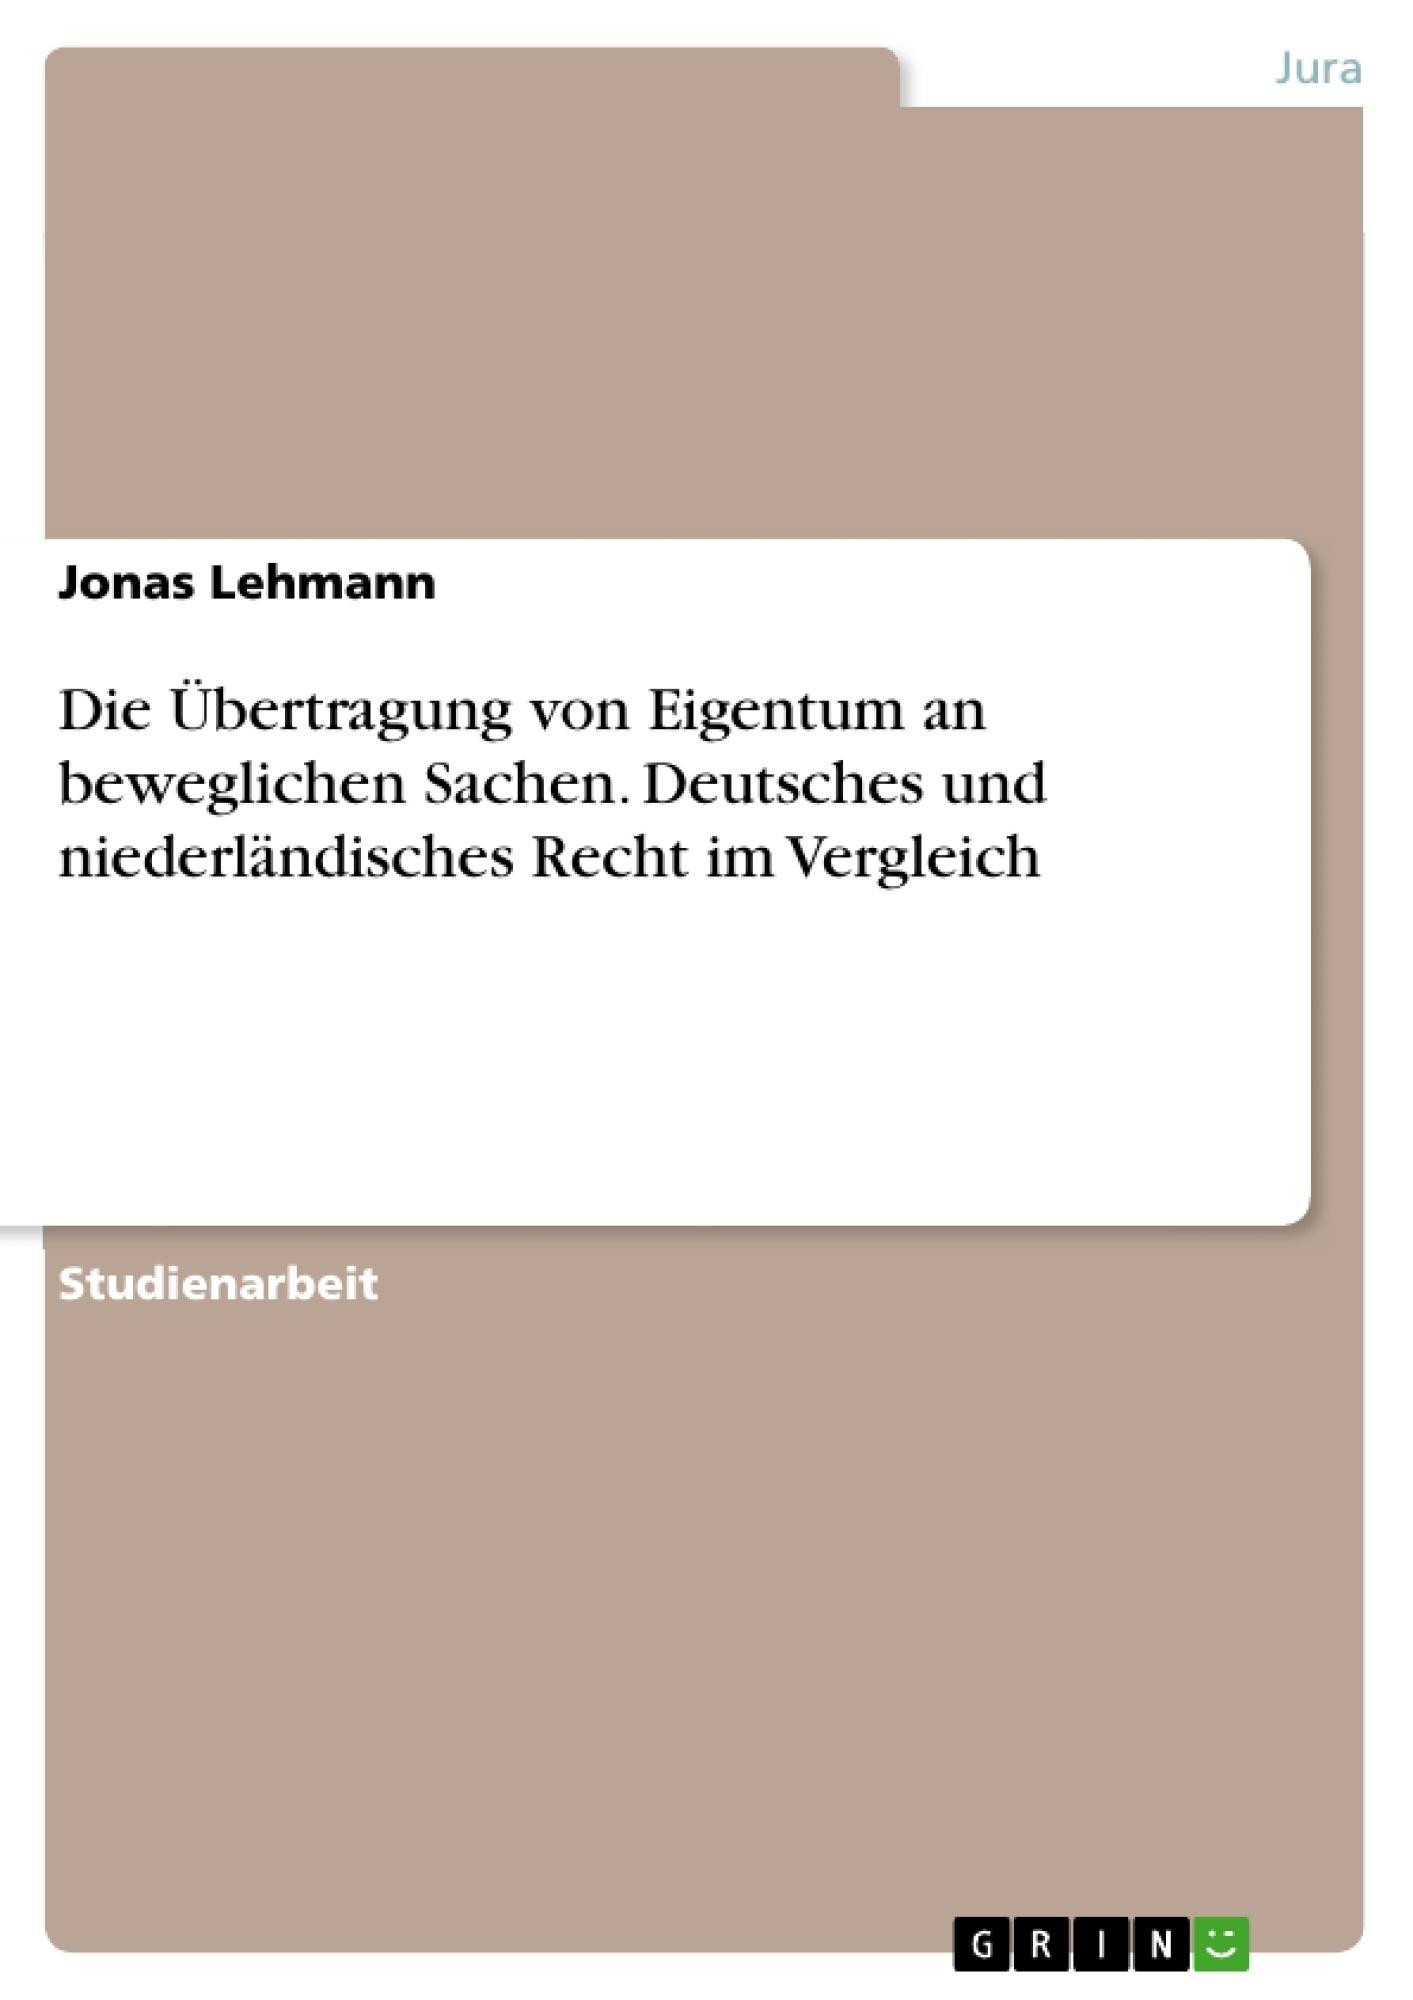 Titel: Die Übertragung von Eigentum an beweglichen Sachen. Deutsches und niederländisches Recht im Vergleich